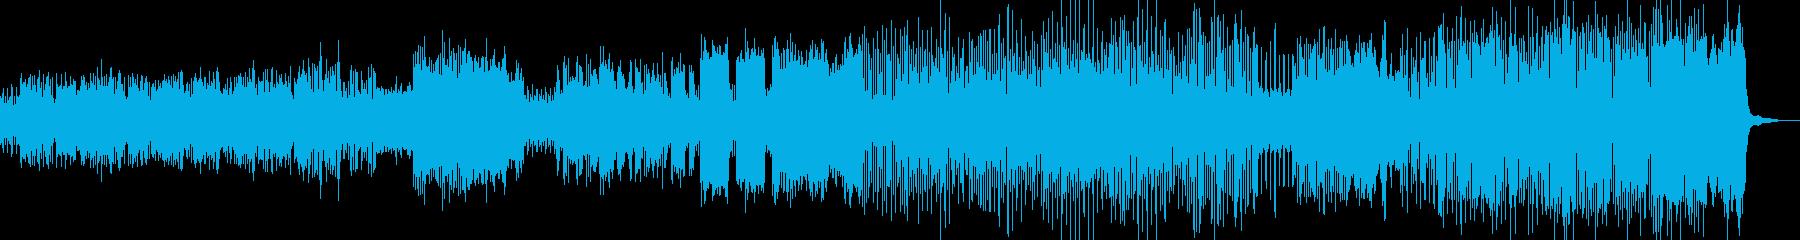 不気味可愛いハロウィン調 ドラム無 Bの再生済みの波形